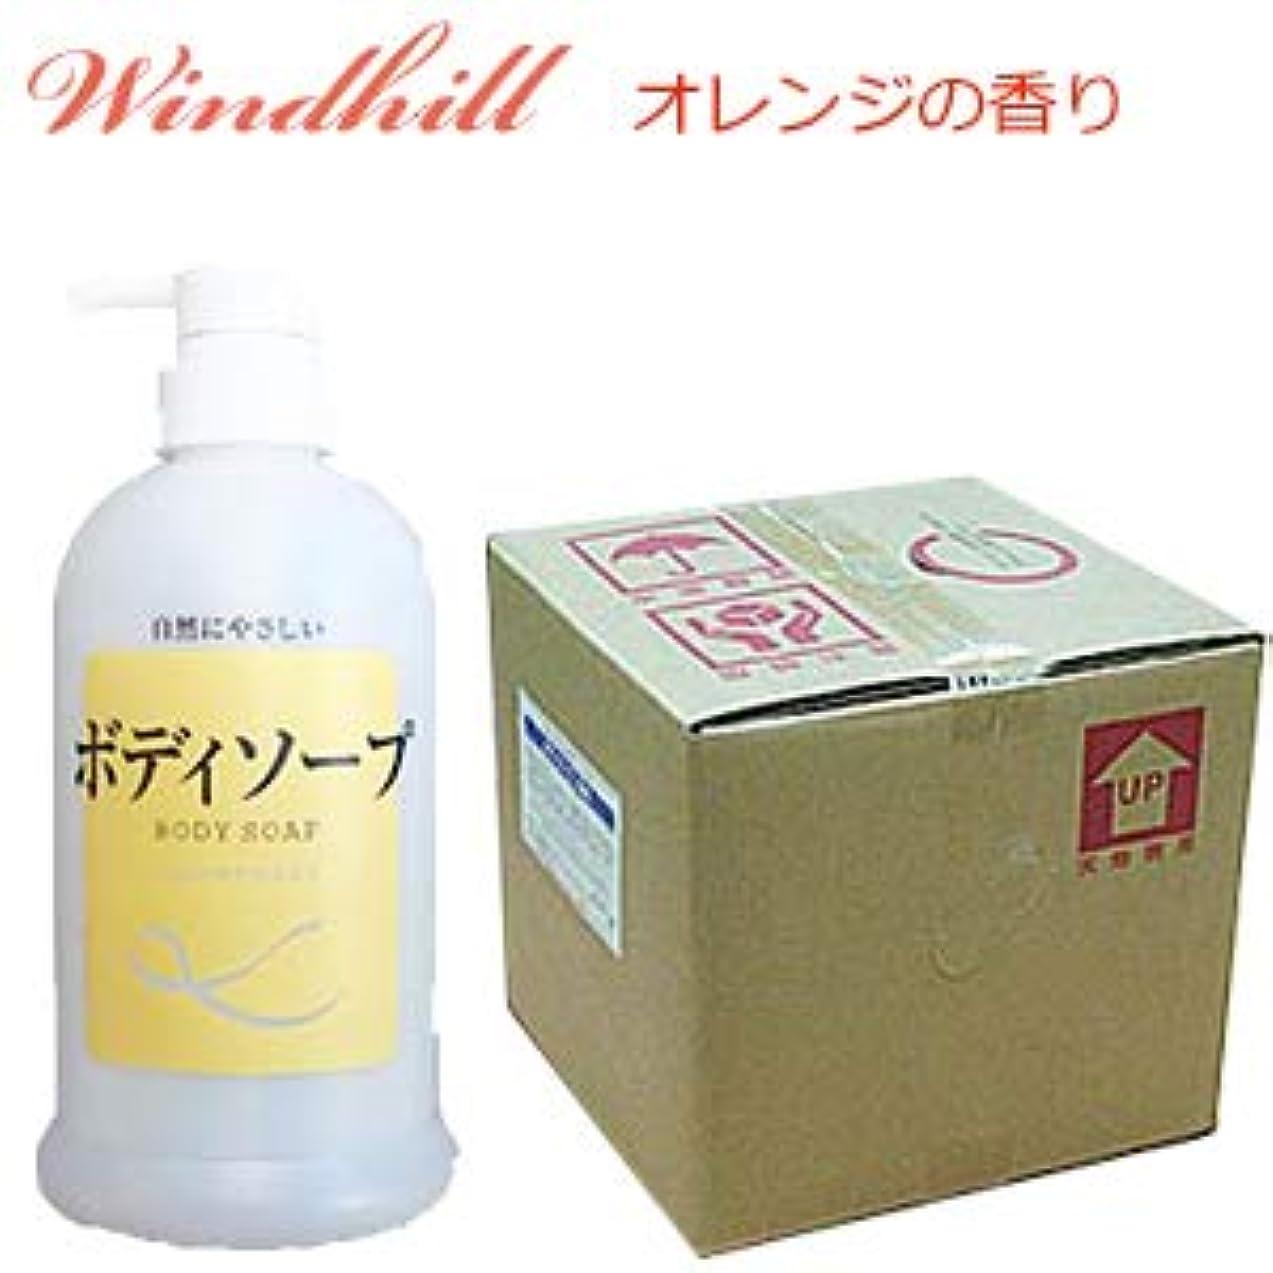 テセウス下る欠伸Windhill 植物性 業務用ボディソープオレンジの香り 20L(1セット20L入)